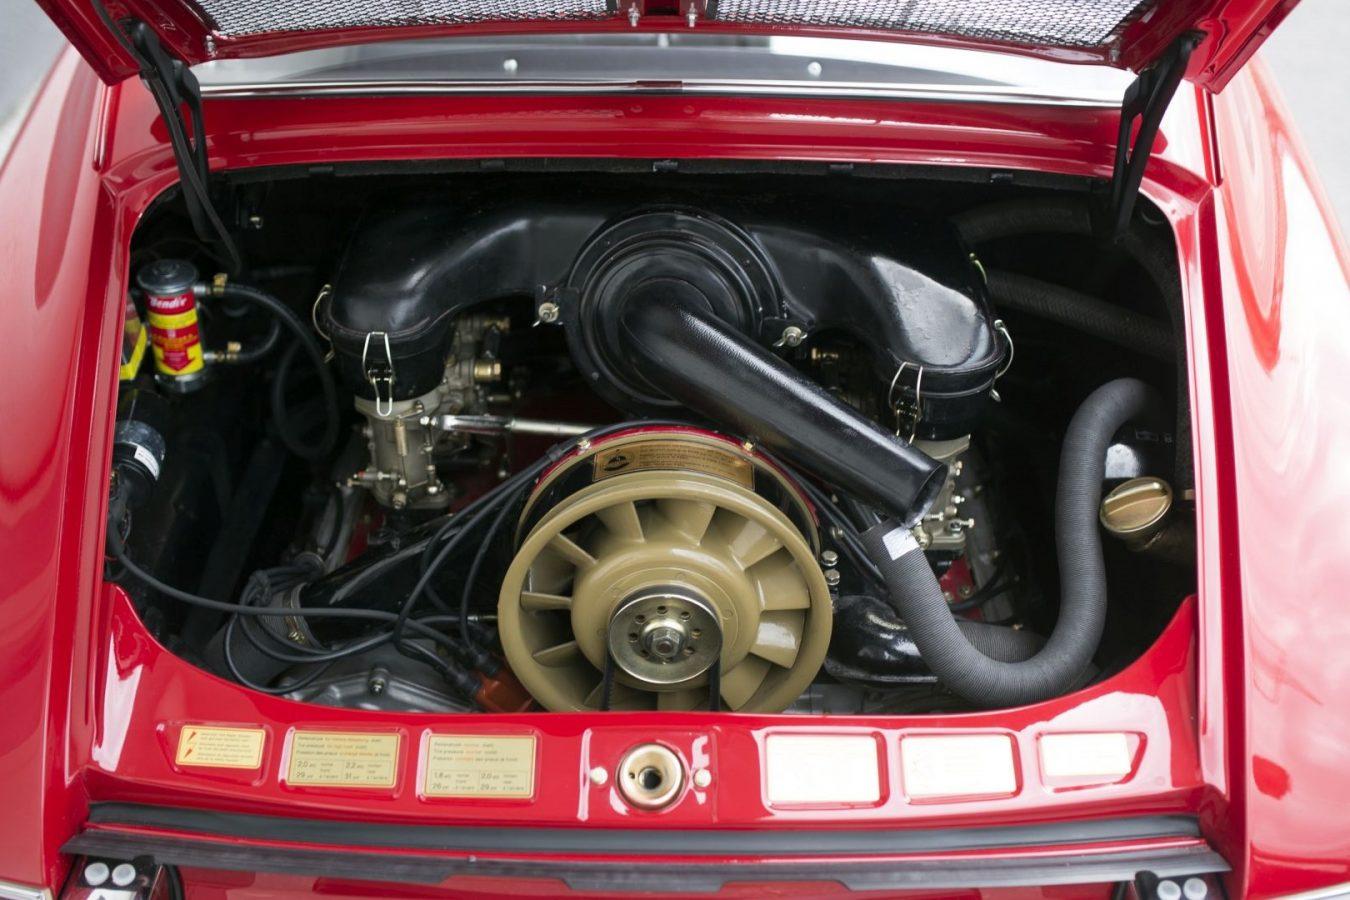 Roter Porsche 911S Motorblock